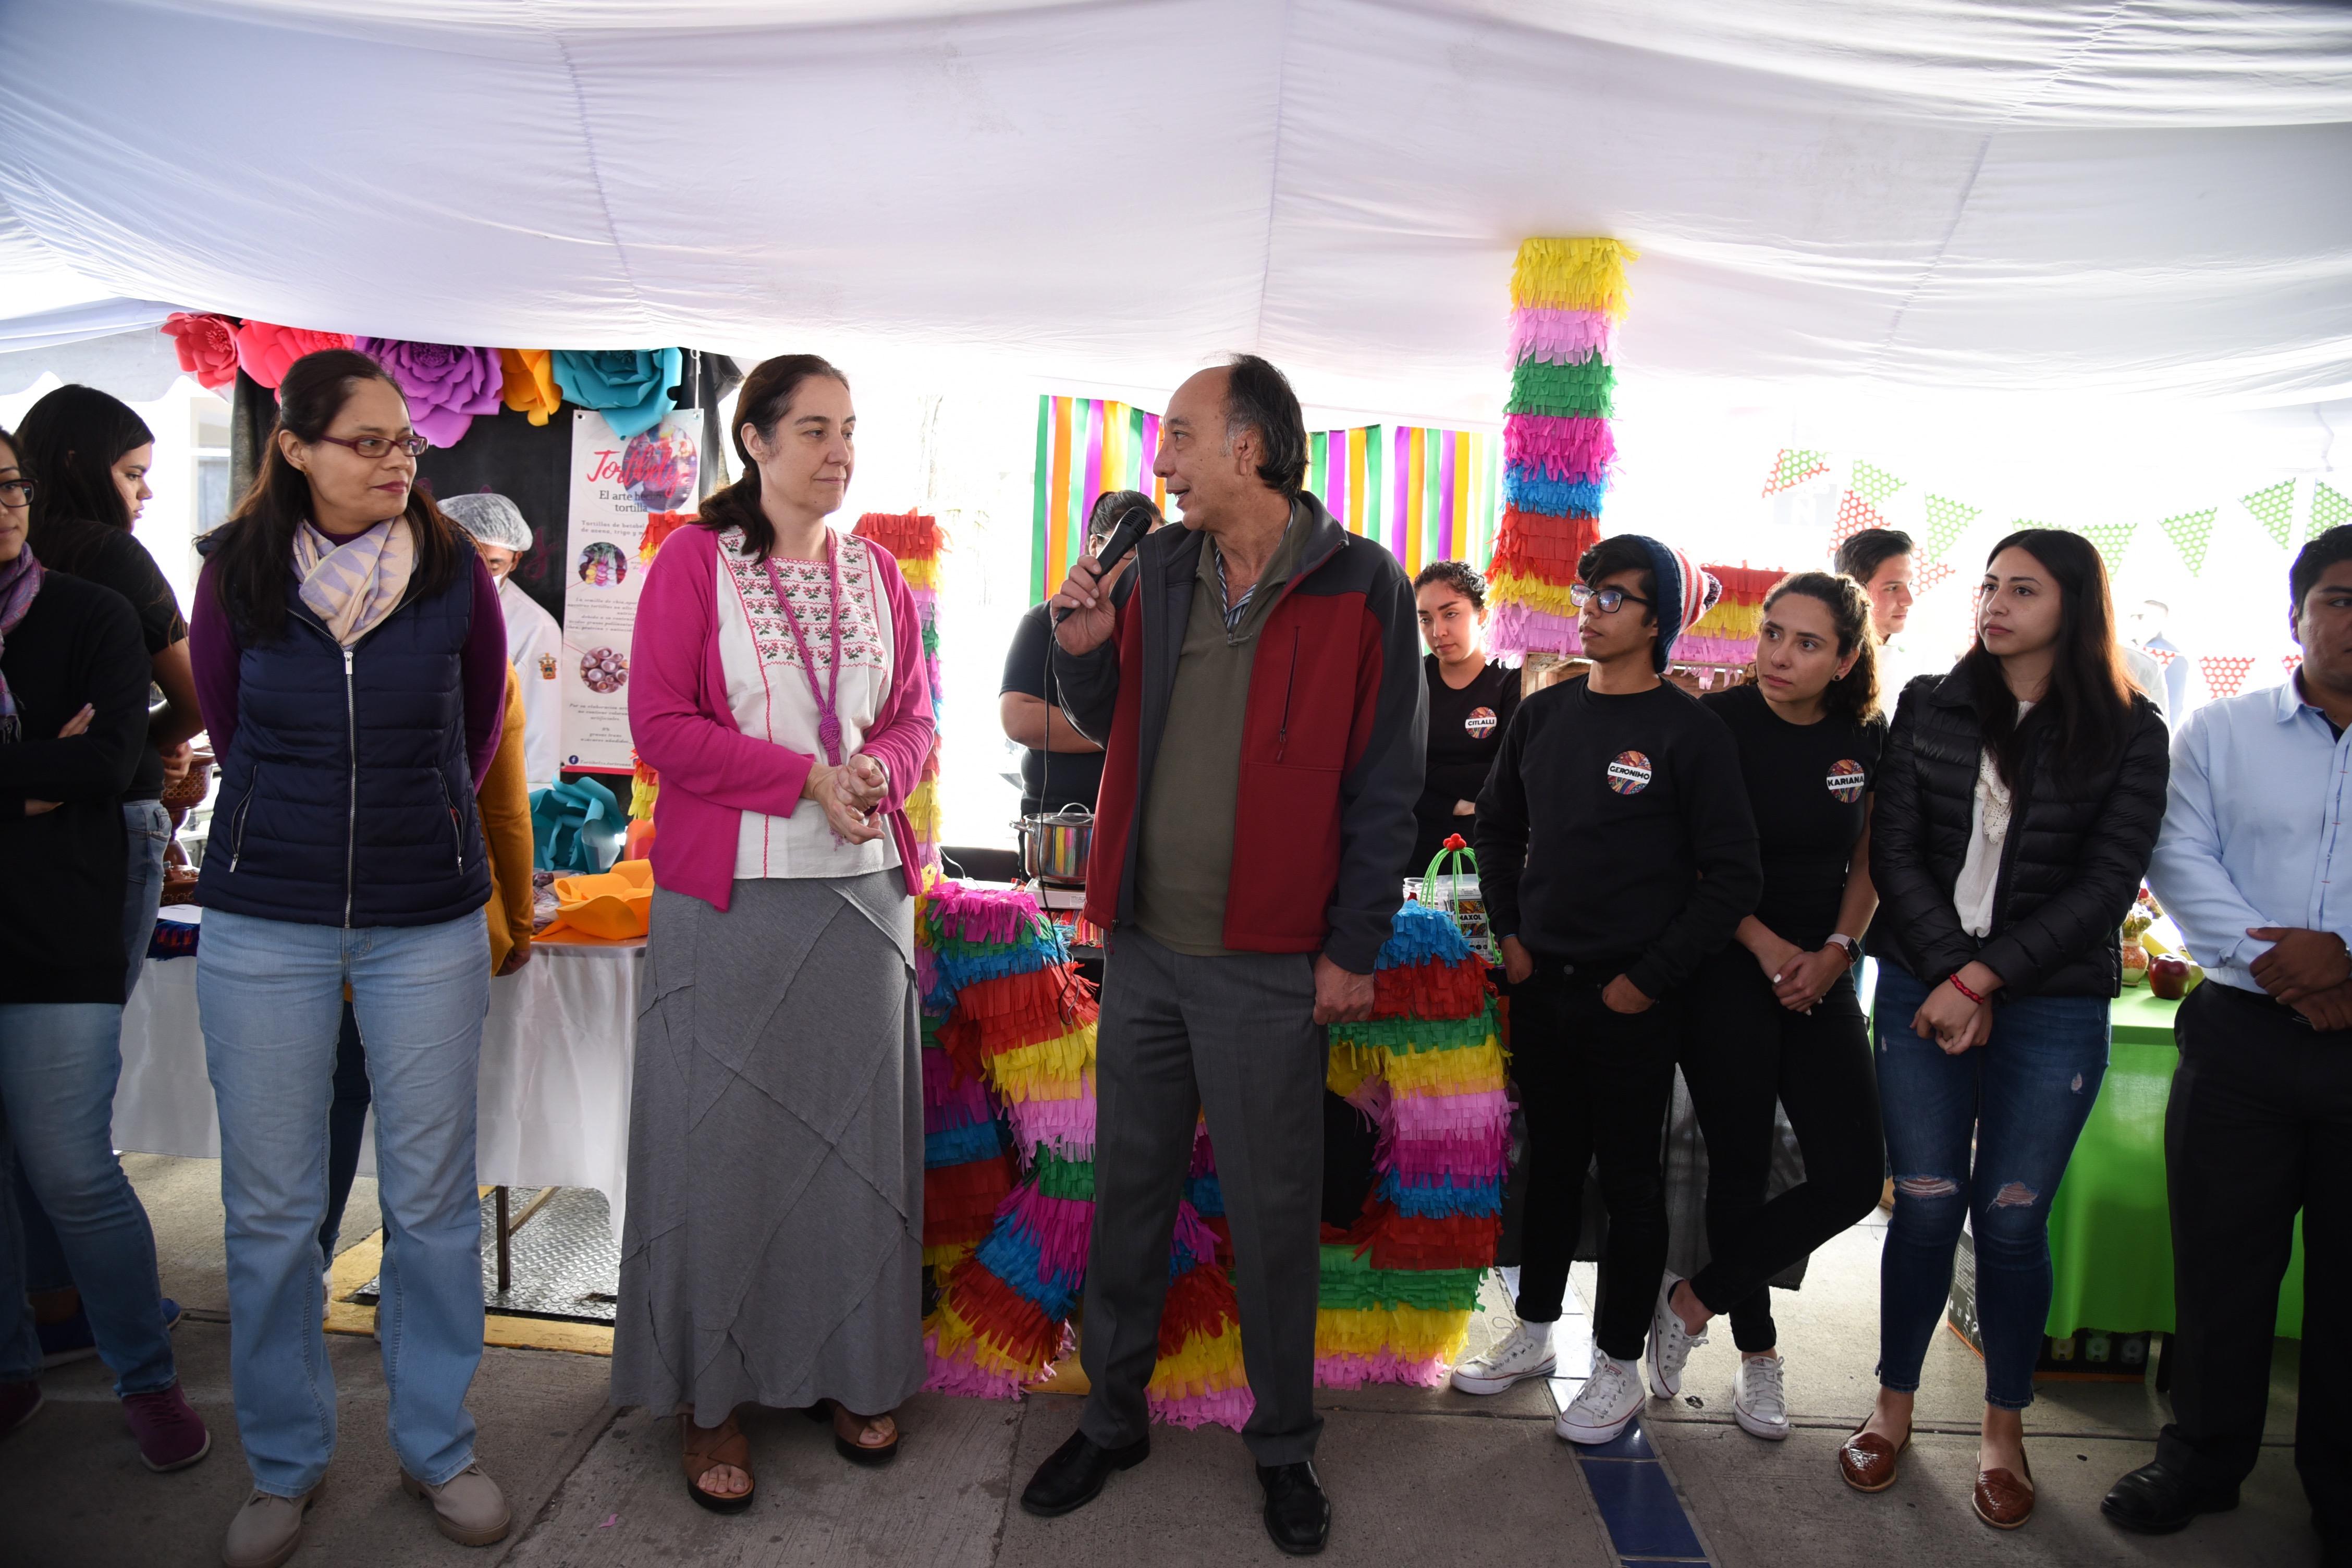 Dr. Osmar Matsui dando palabras de bienvenida a la Expo